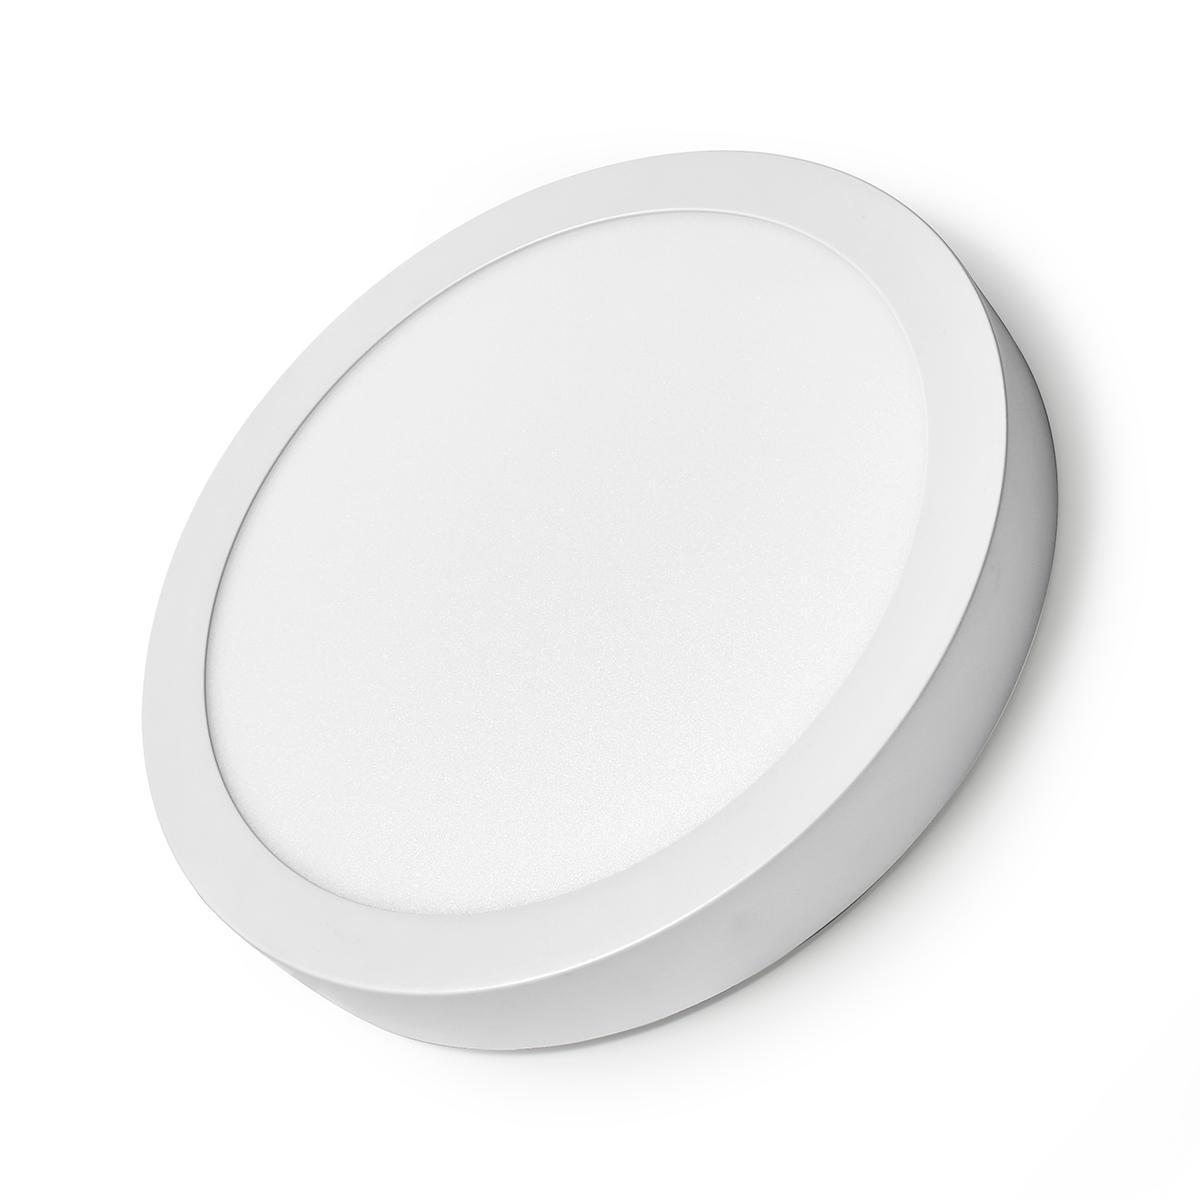 WiFi - Smart LED plafondlamp - 18 watt - 30cm - warm tot koel wit - 18 watt - dimbaar - app besturing - zijkant